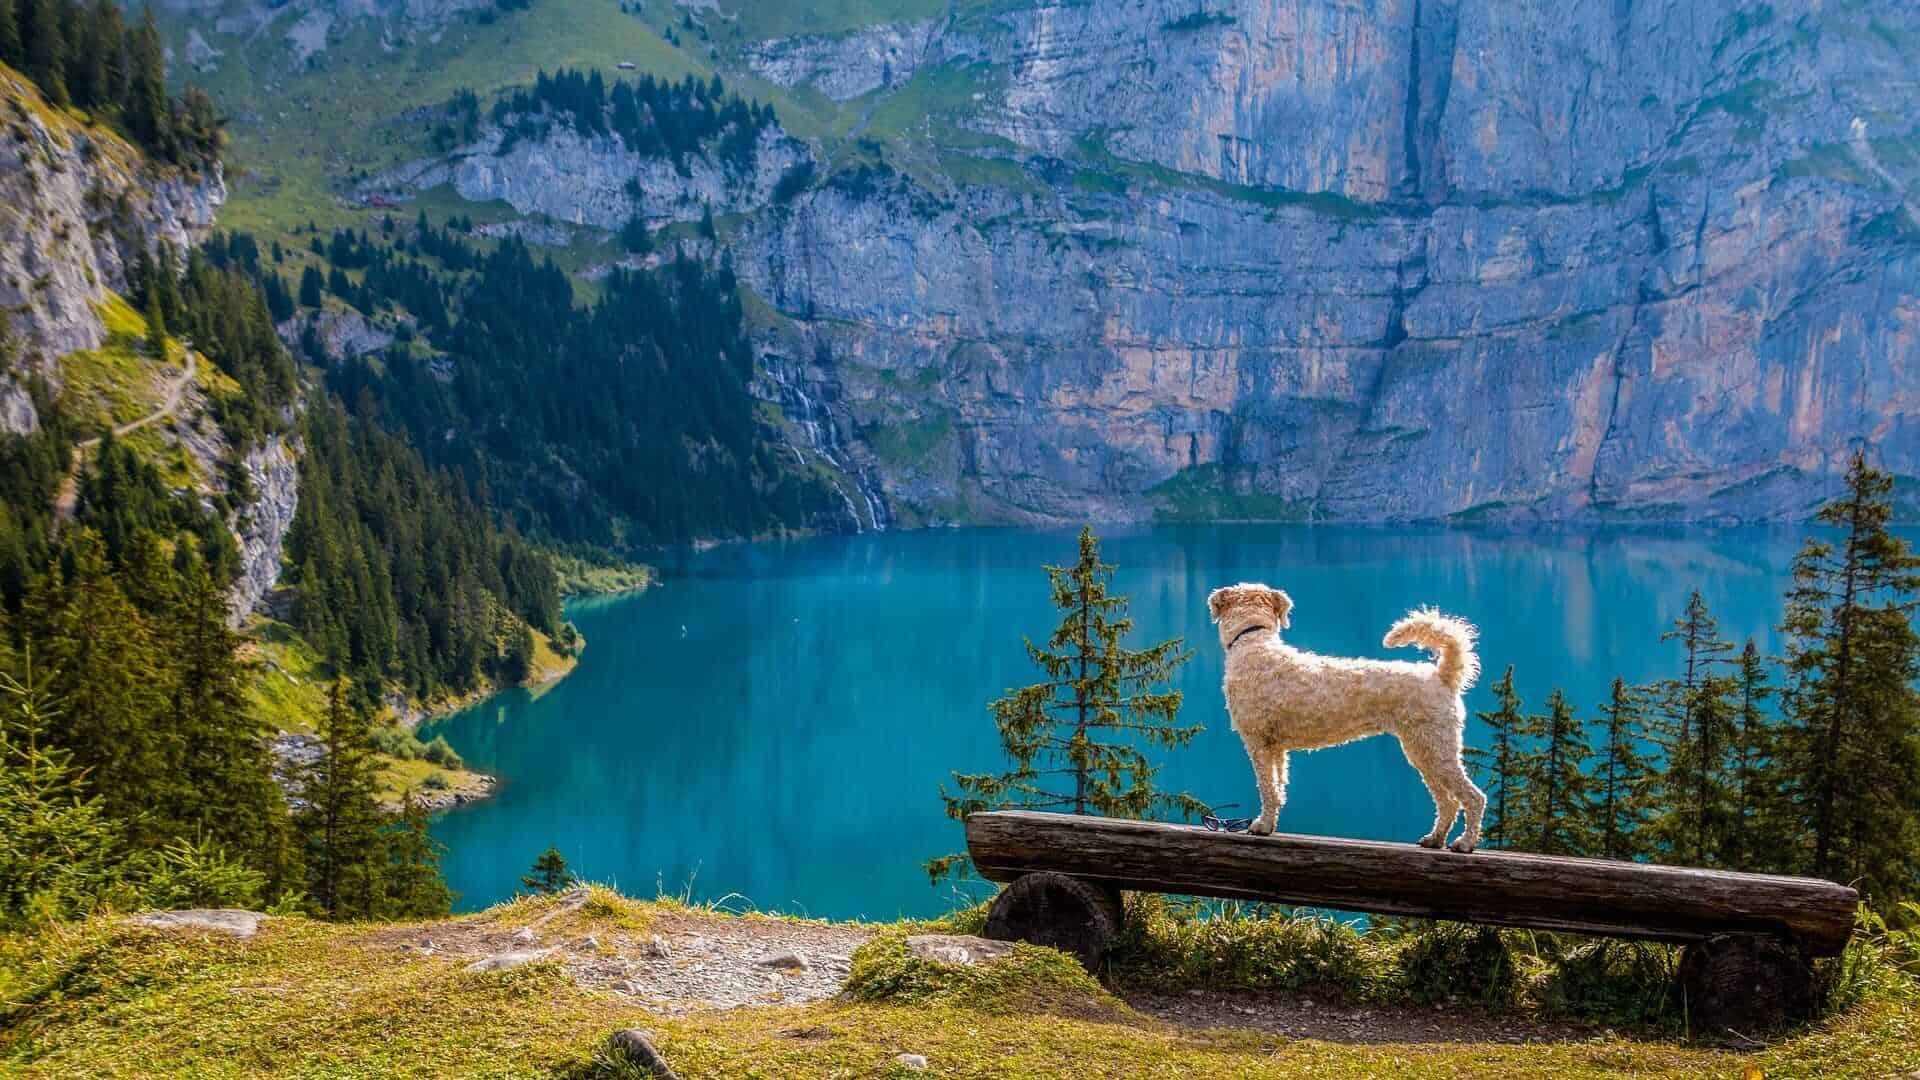 Bergsee Lake, Switzerland